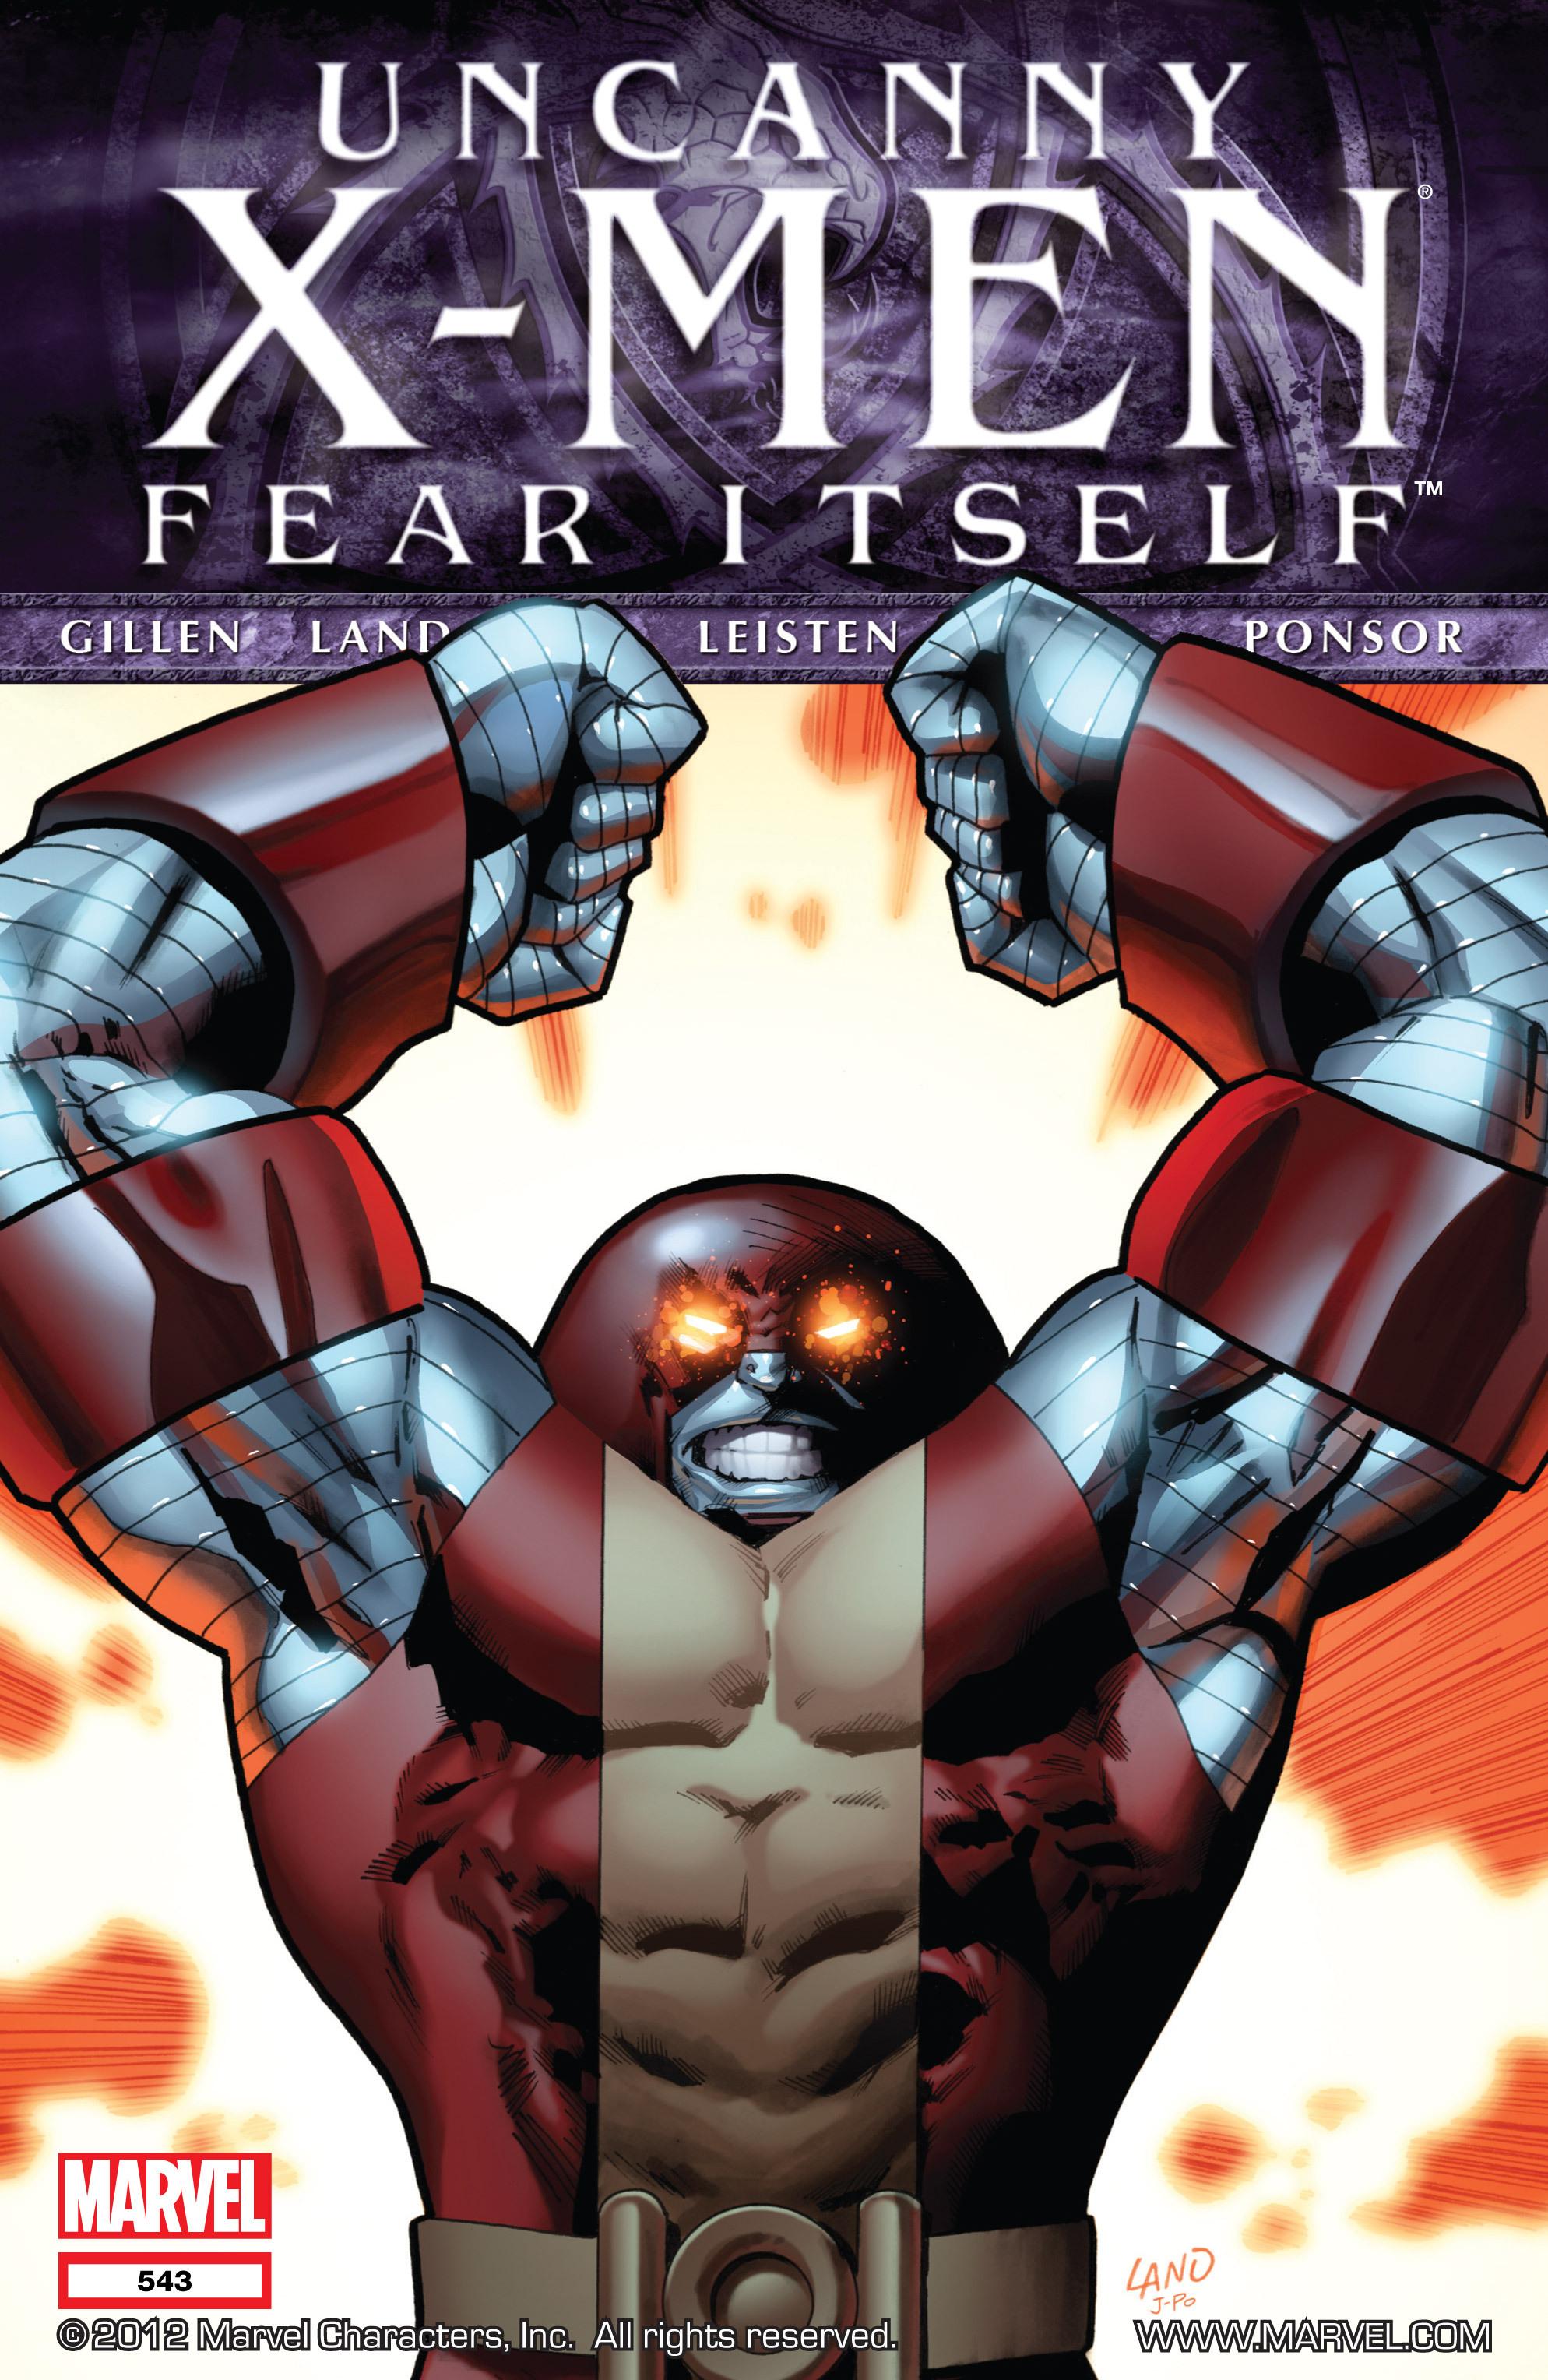 Read online Uncanny X-Men (1963) comic -  Issue #543 - 1